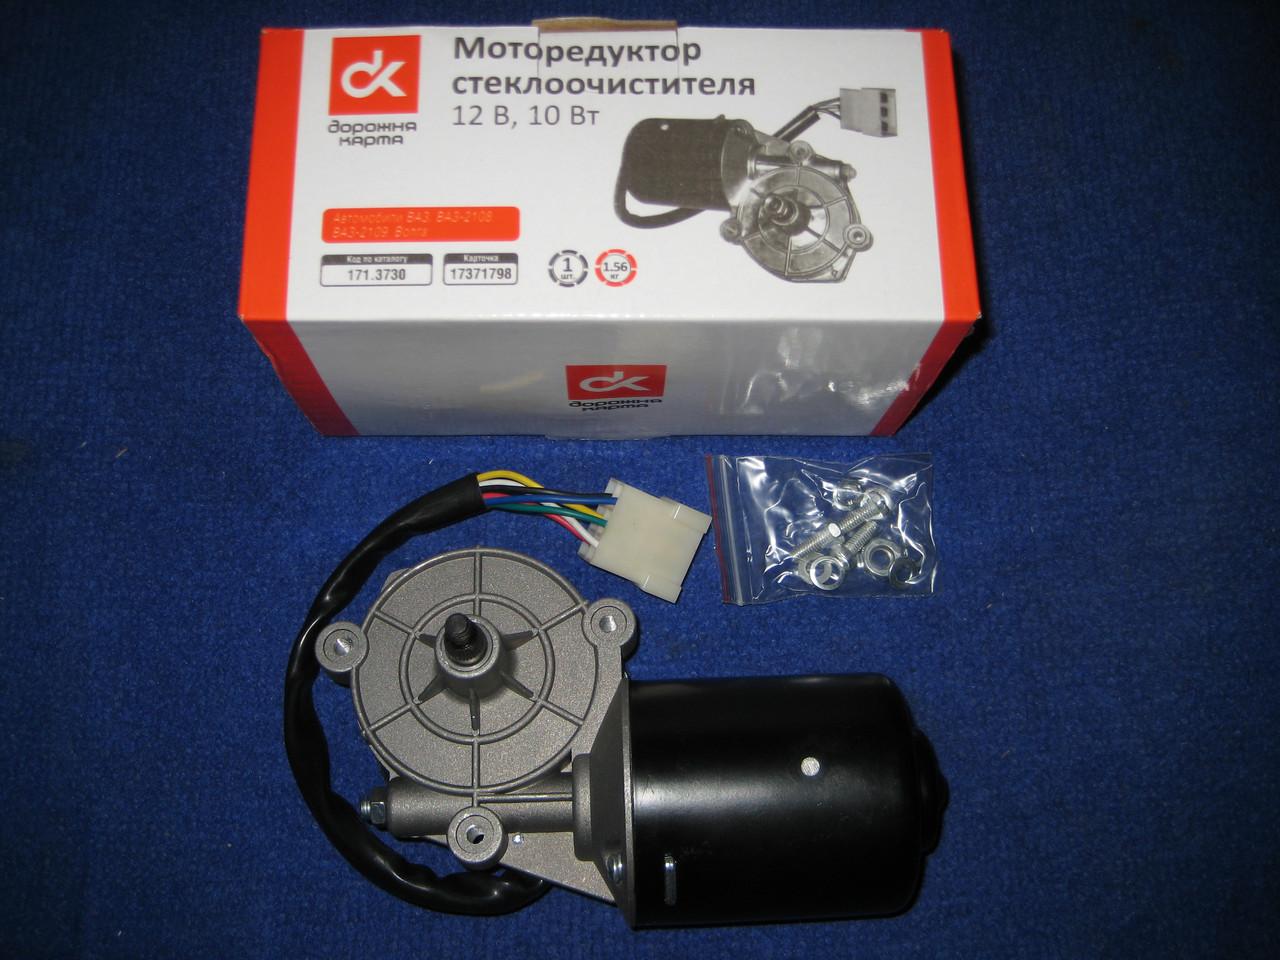 Моторчик моторедуктор дворников ВАЗ 2108 2109 21099 2113 2114 2115 ГАЗ 3302 31029 ДК